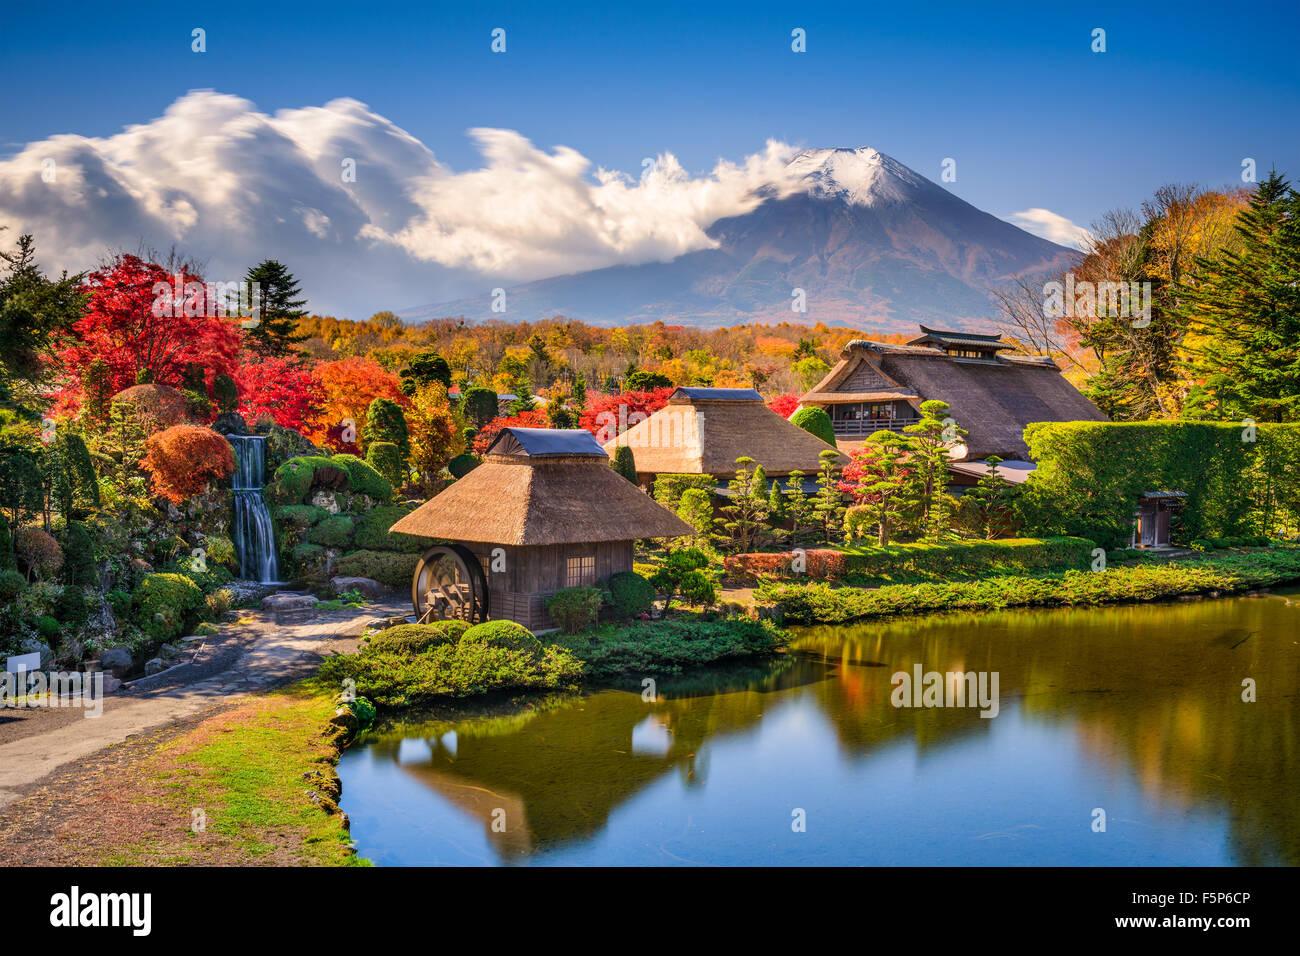 Oshino, Japan historischen Reetdach Häuser mit Mt. Fuji im Hintergrund. Stockbild